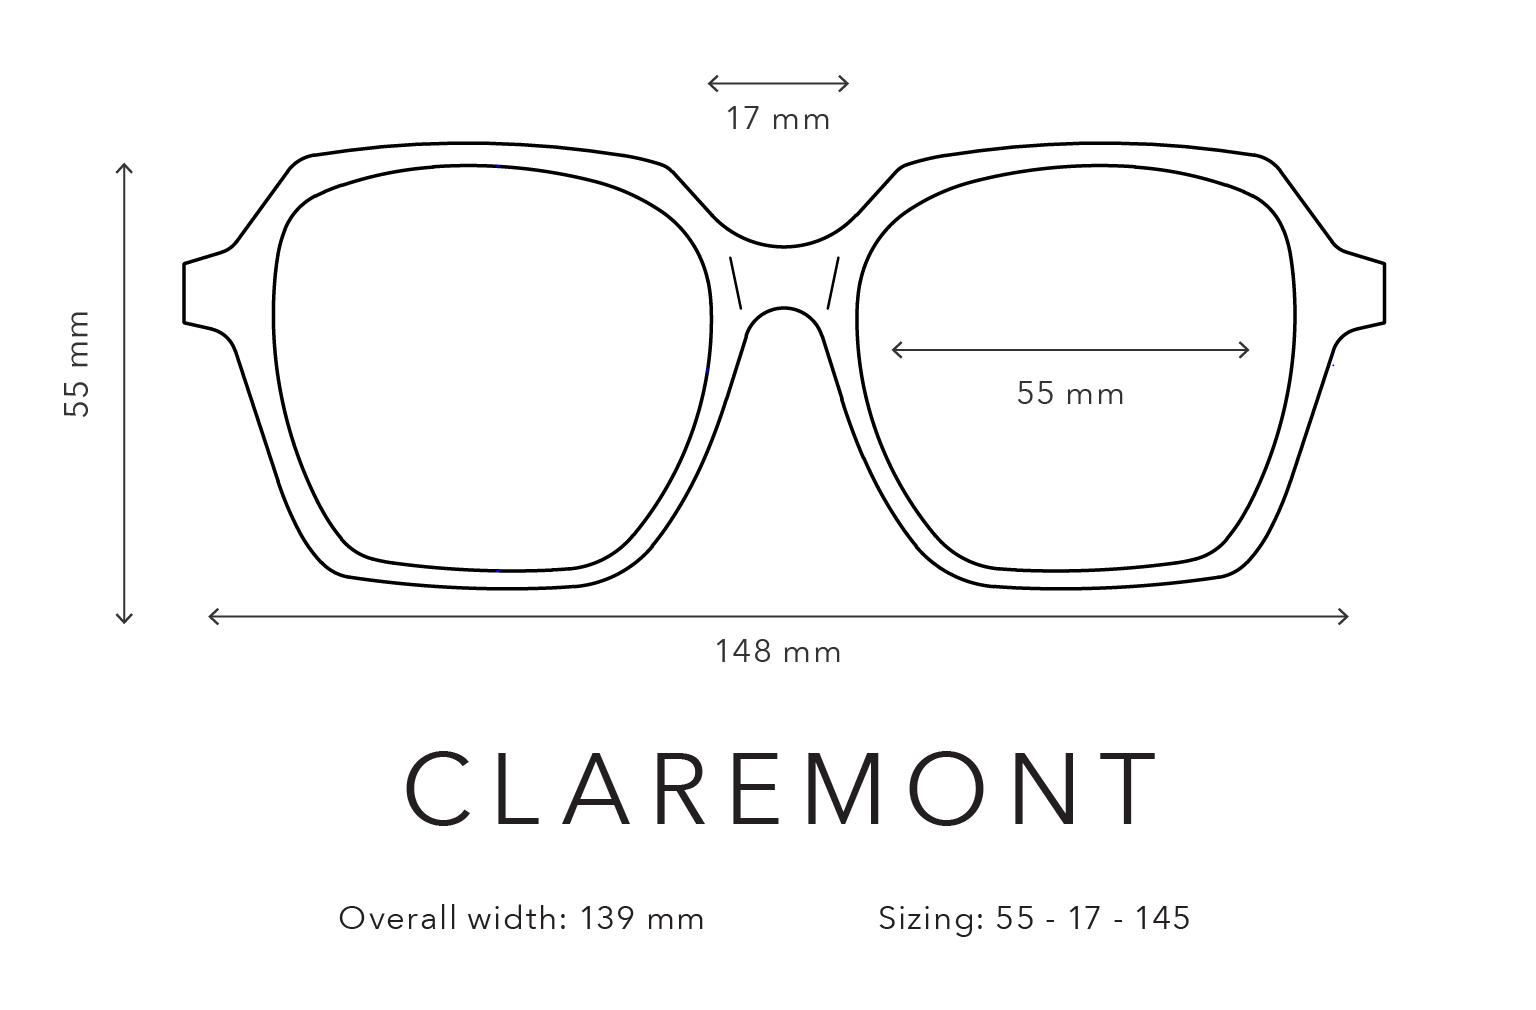 Claremont Sizing